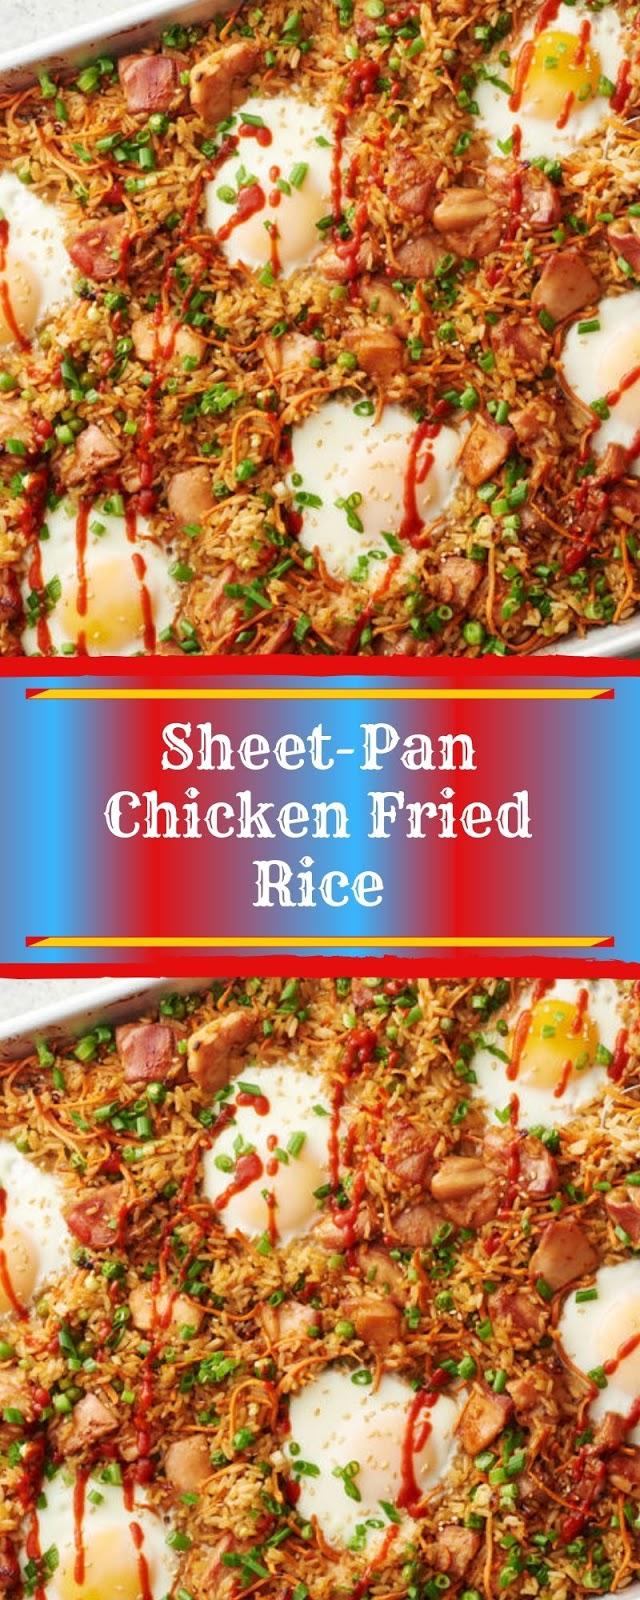 Sheet-Pan Chicken Fried Rice